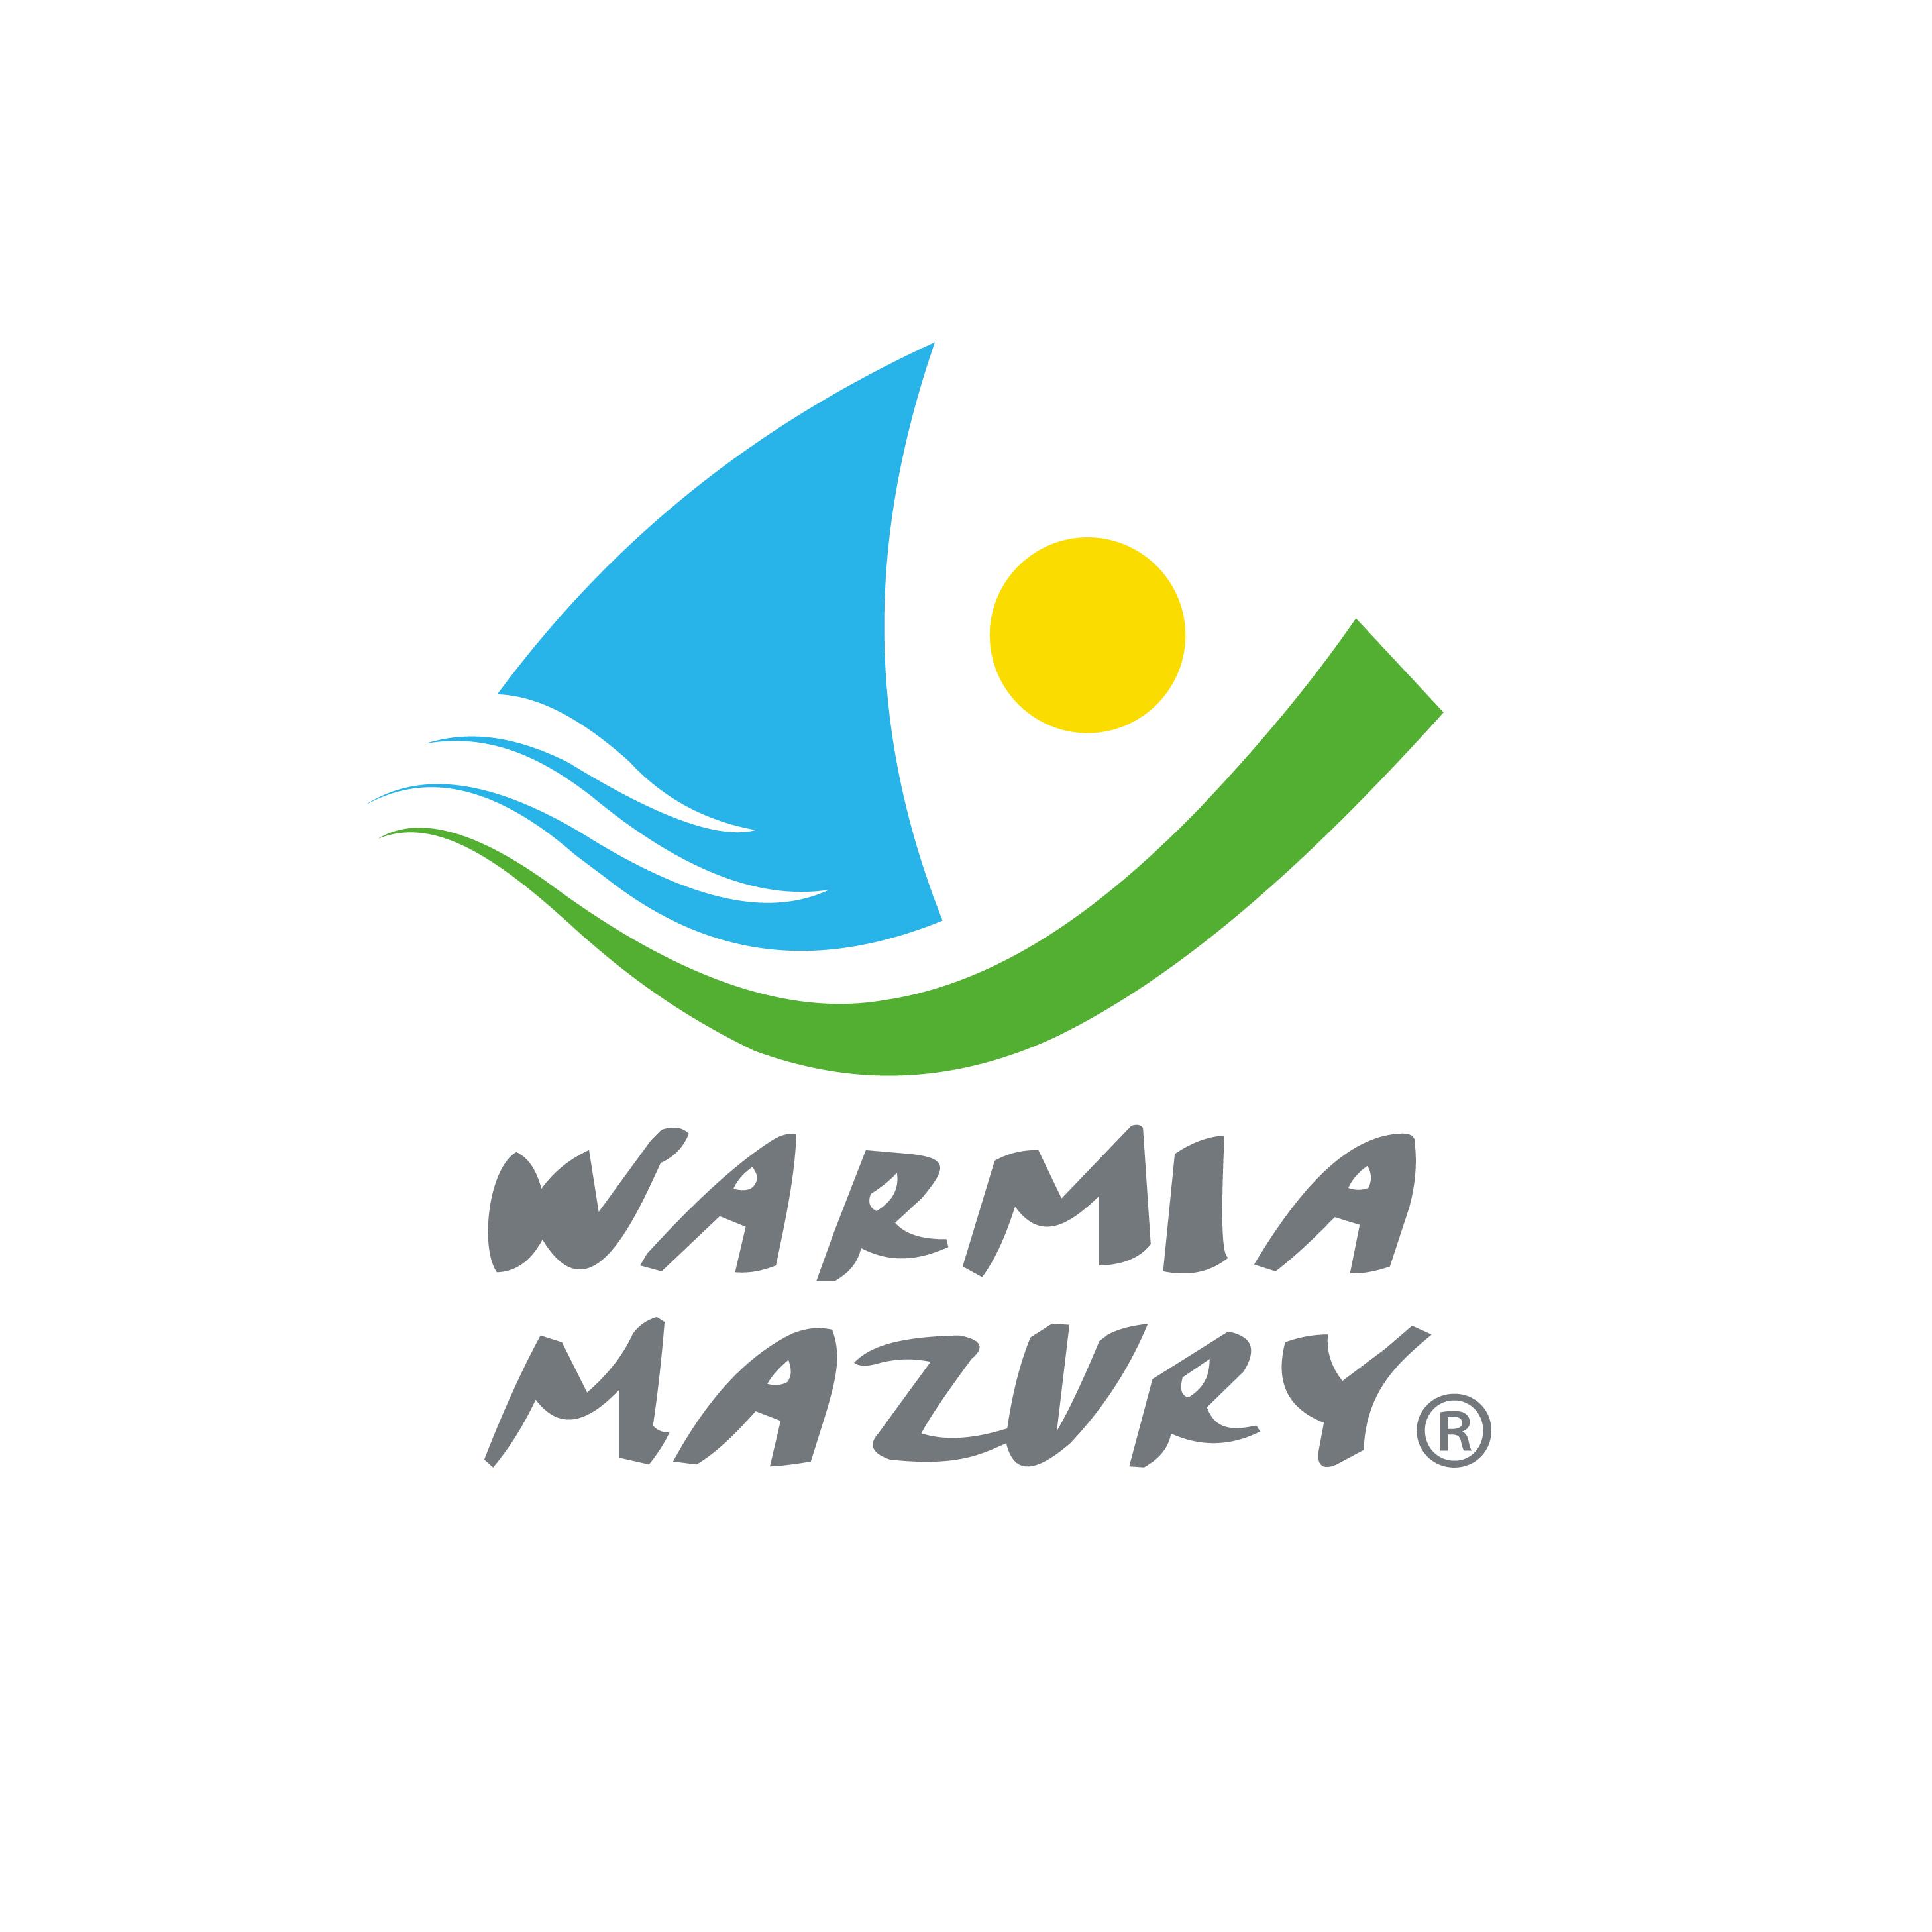 http://m.wmwm.pl/2015/05/orig/warmia-mazury-logo-kolo-rgb-4332.jpg